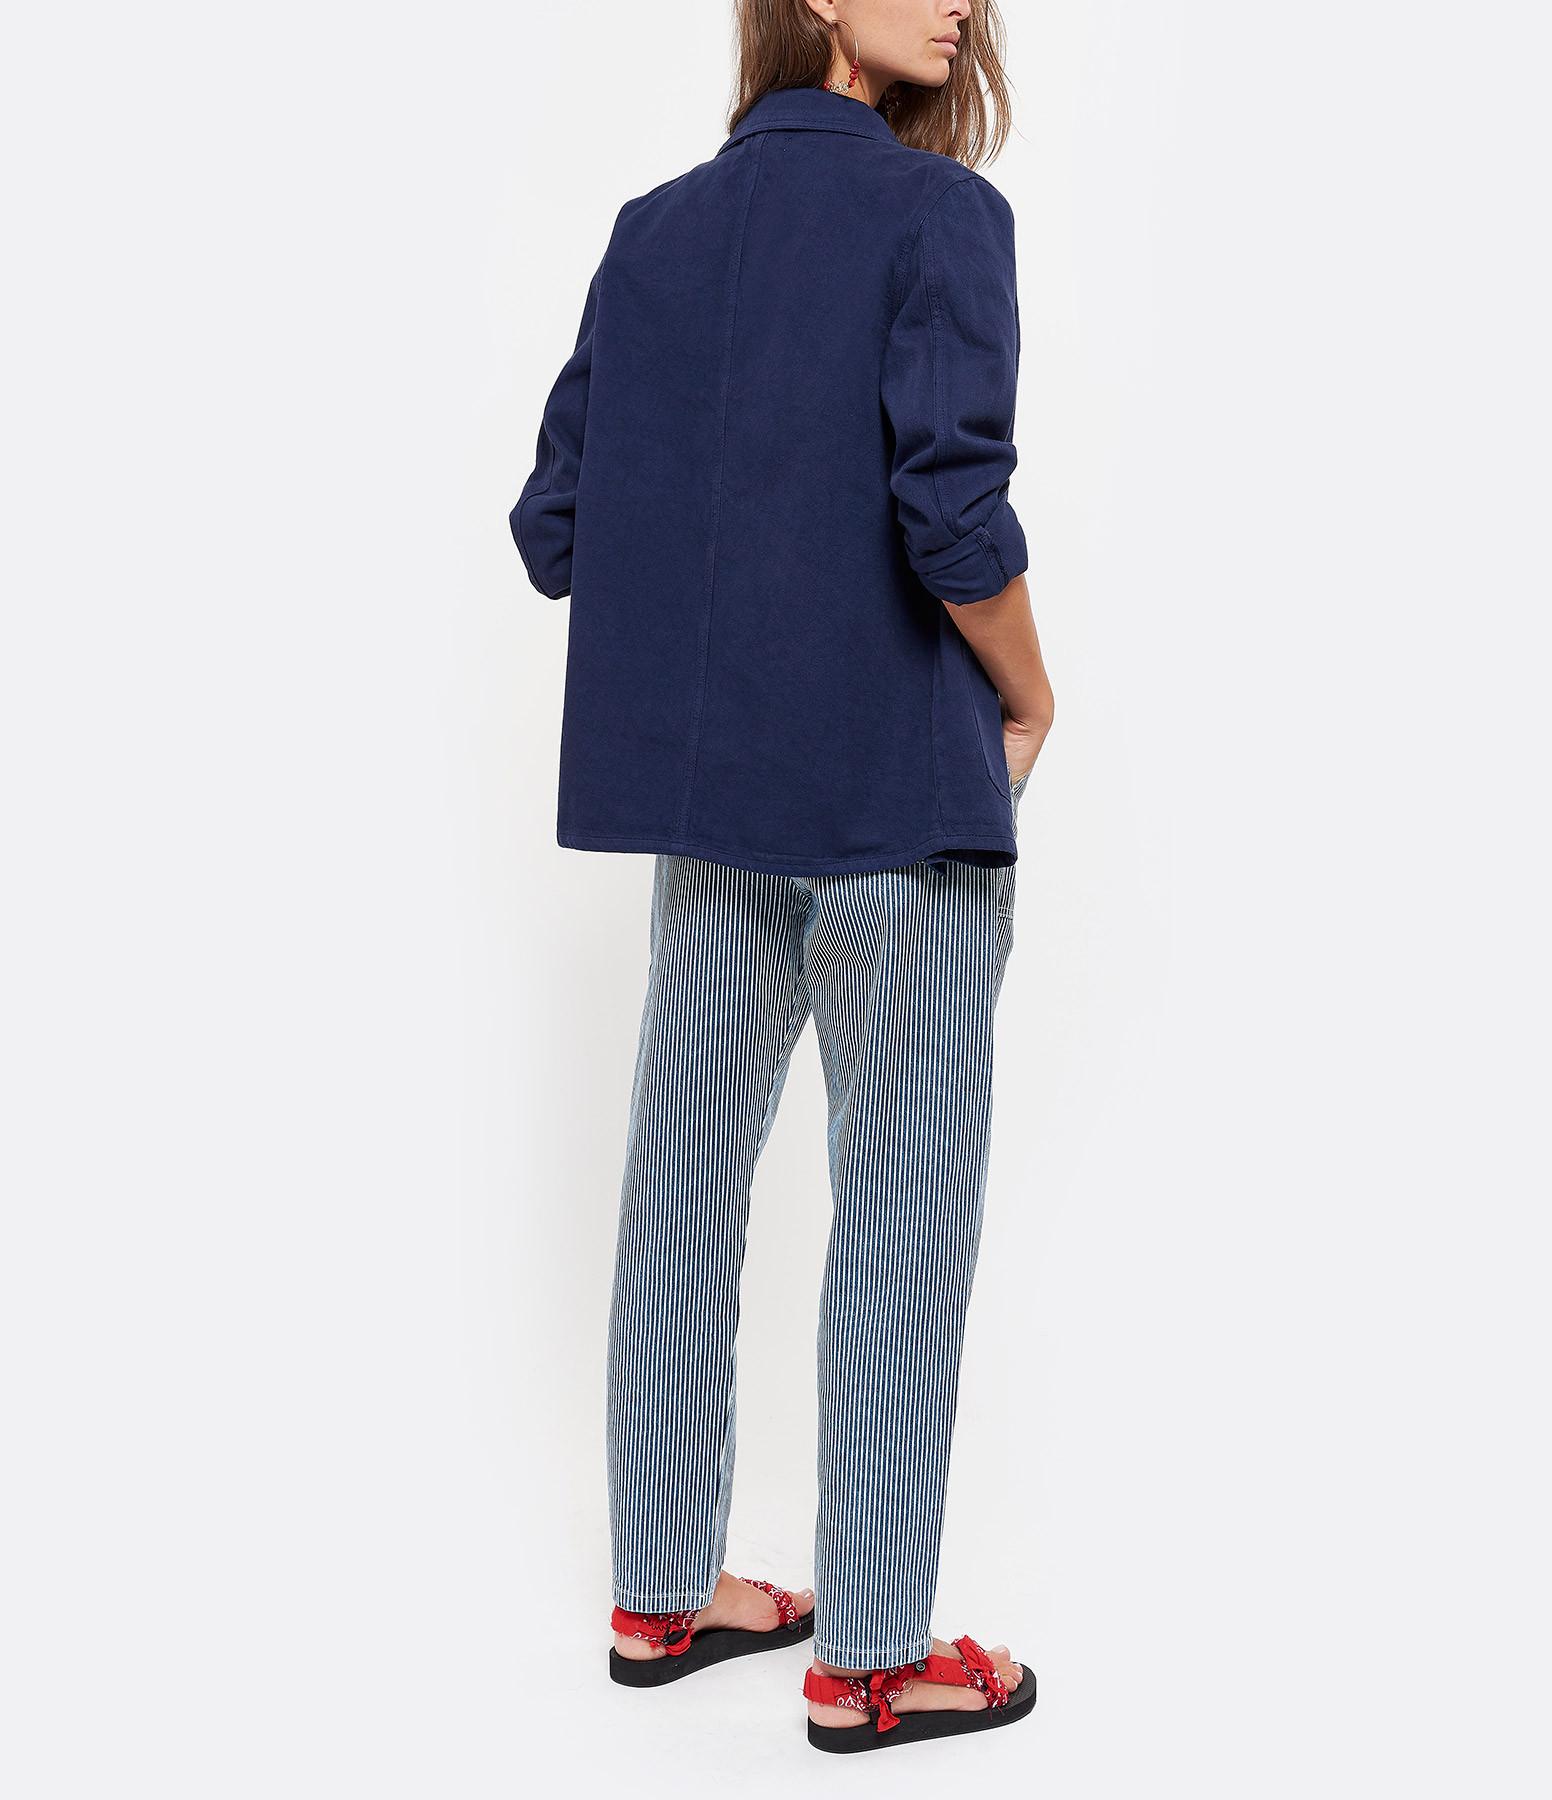 MAISON STANDARDS - Veste Peintre Coton Bleu